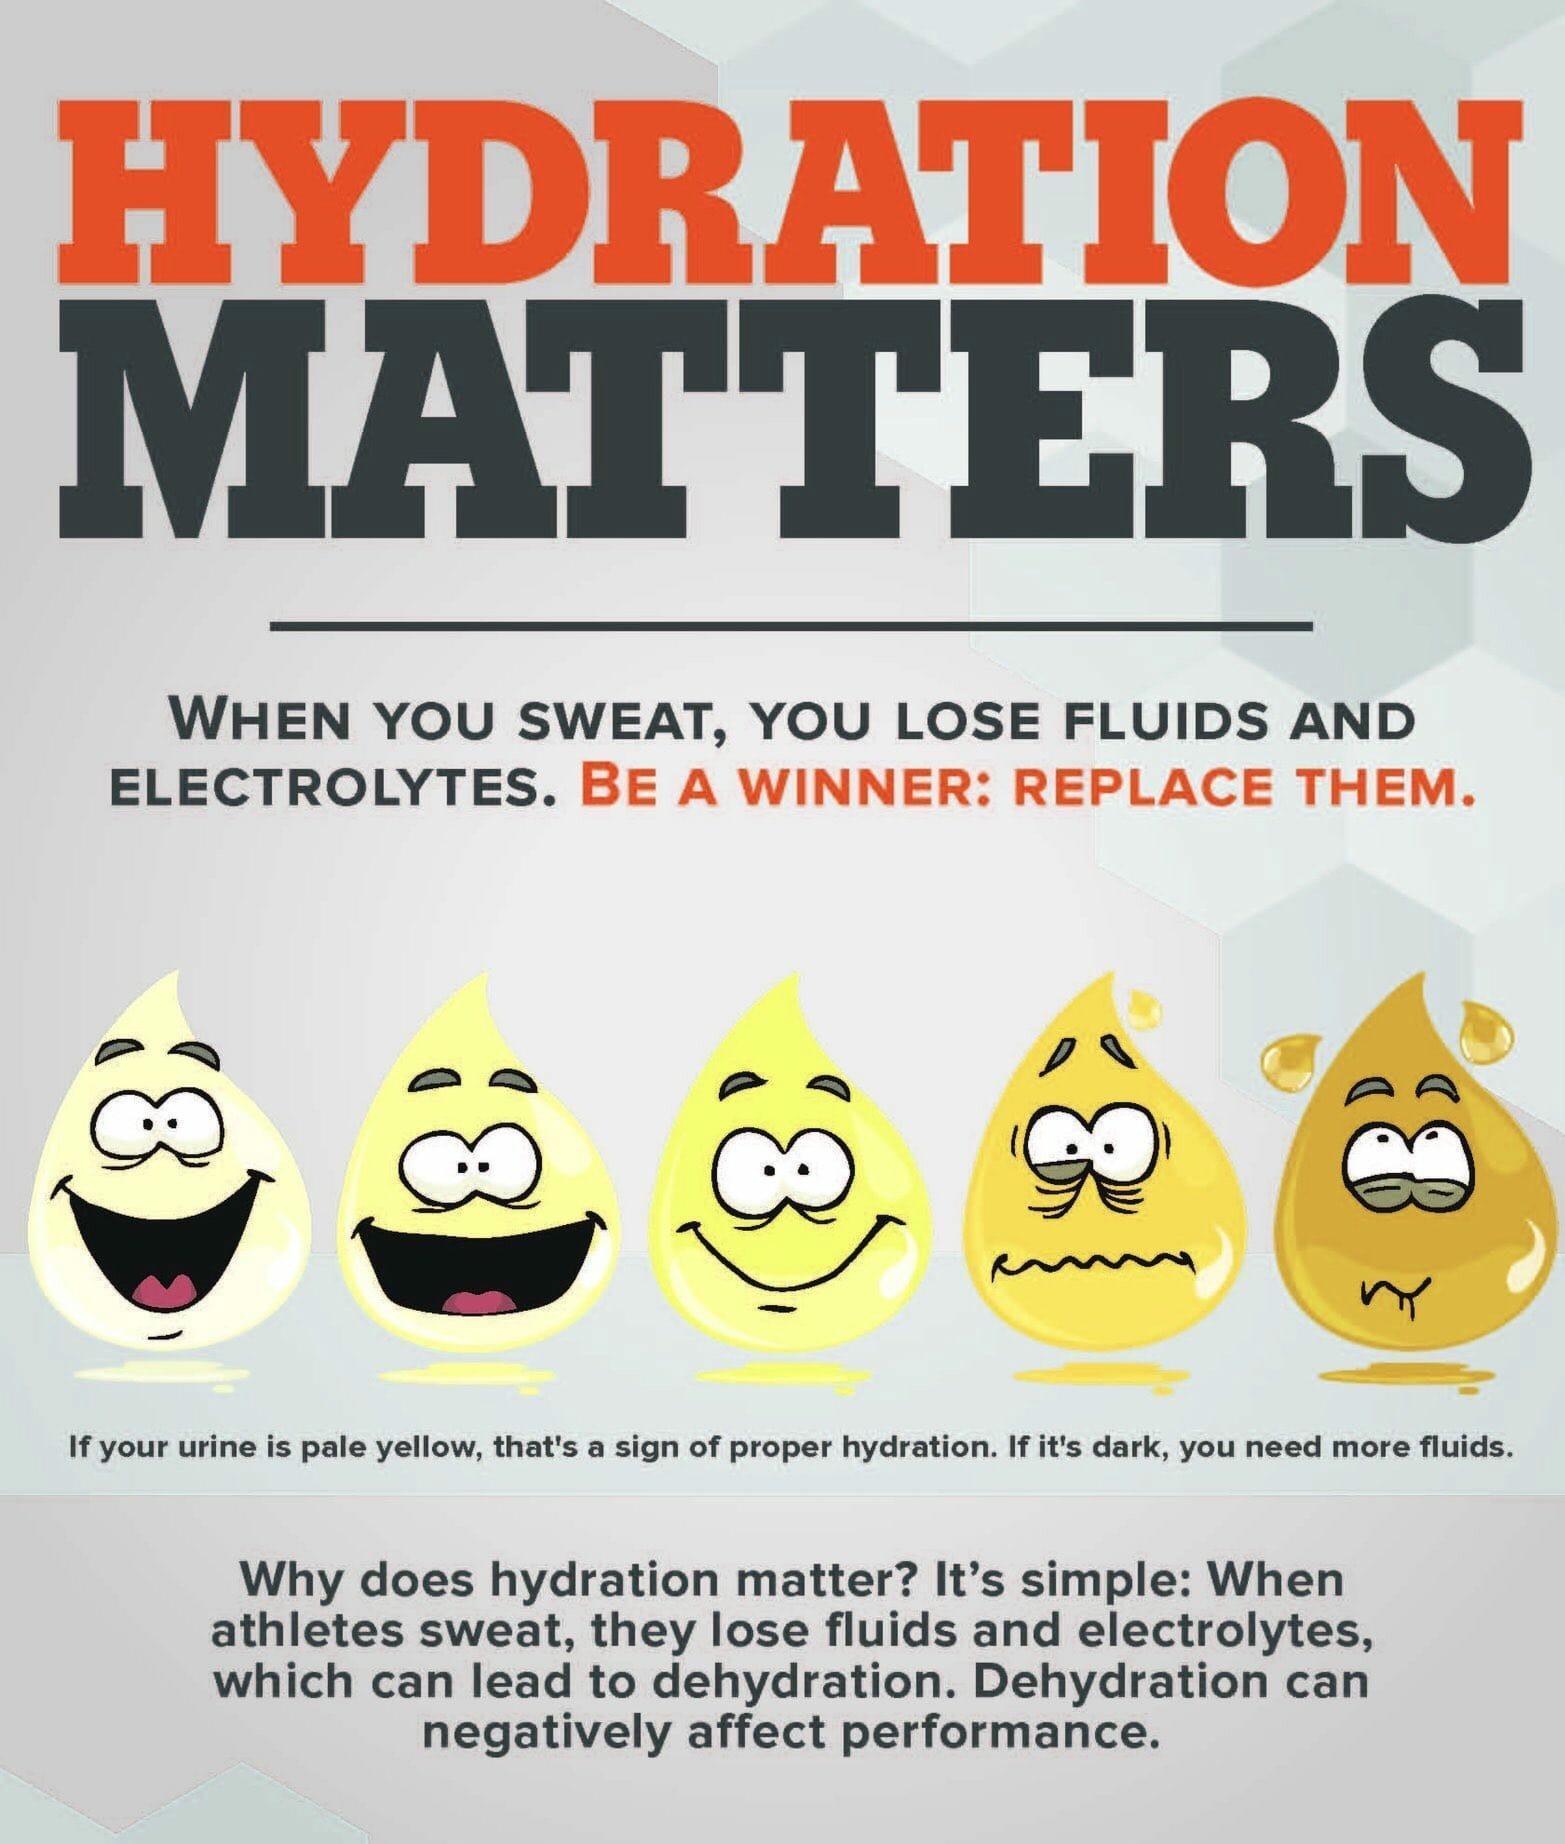 Hydration Matters